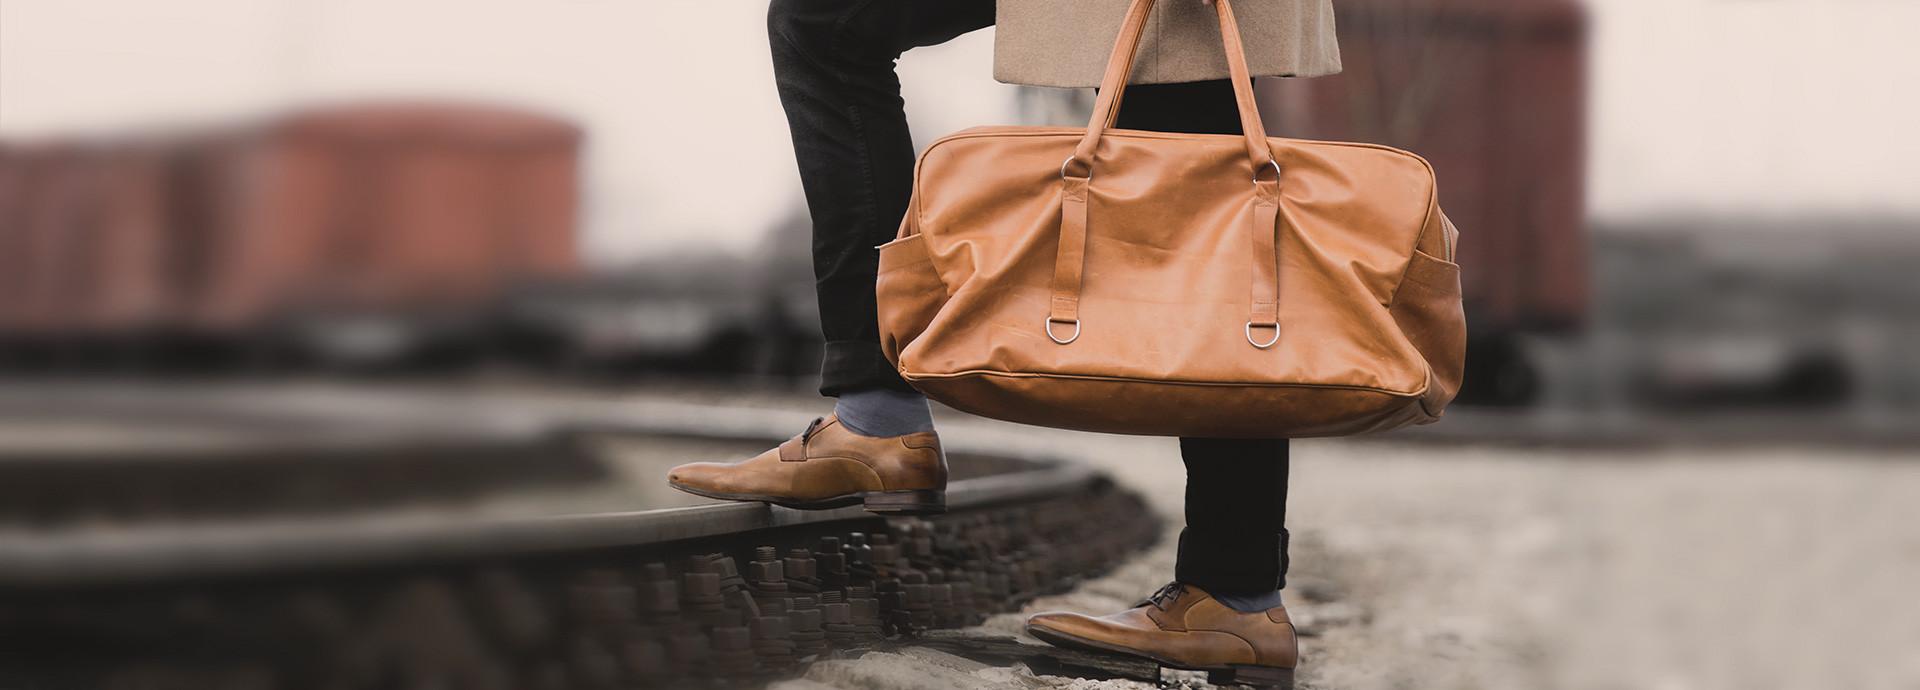 Place Longueuil - Chaussures, sacs à mains et bagages